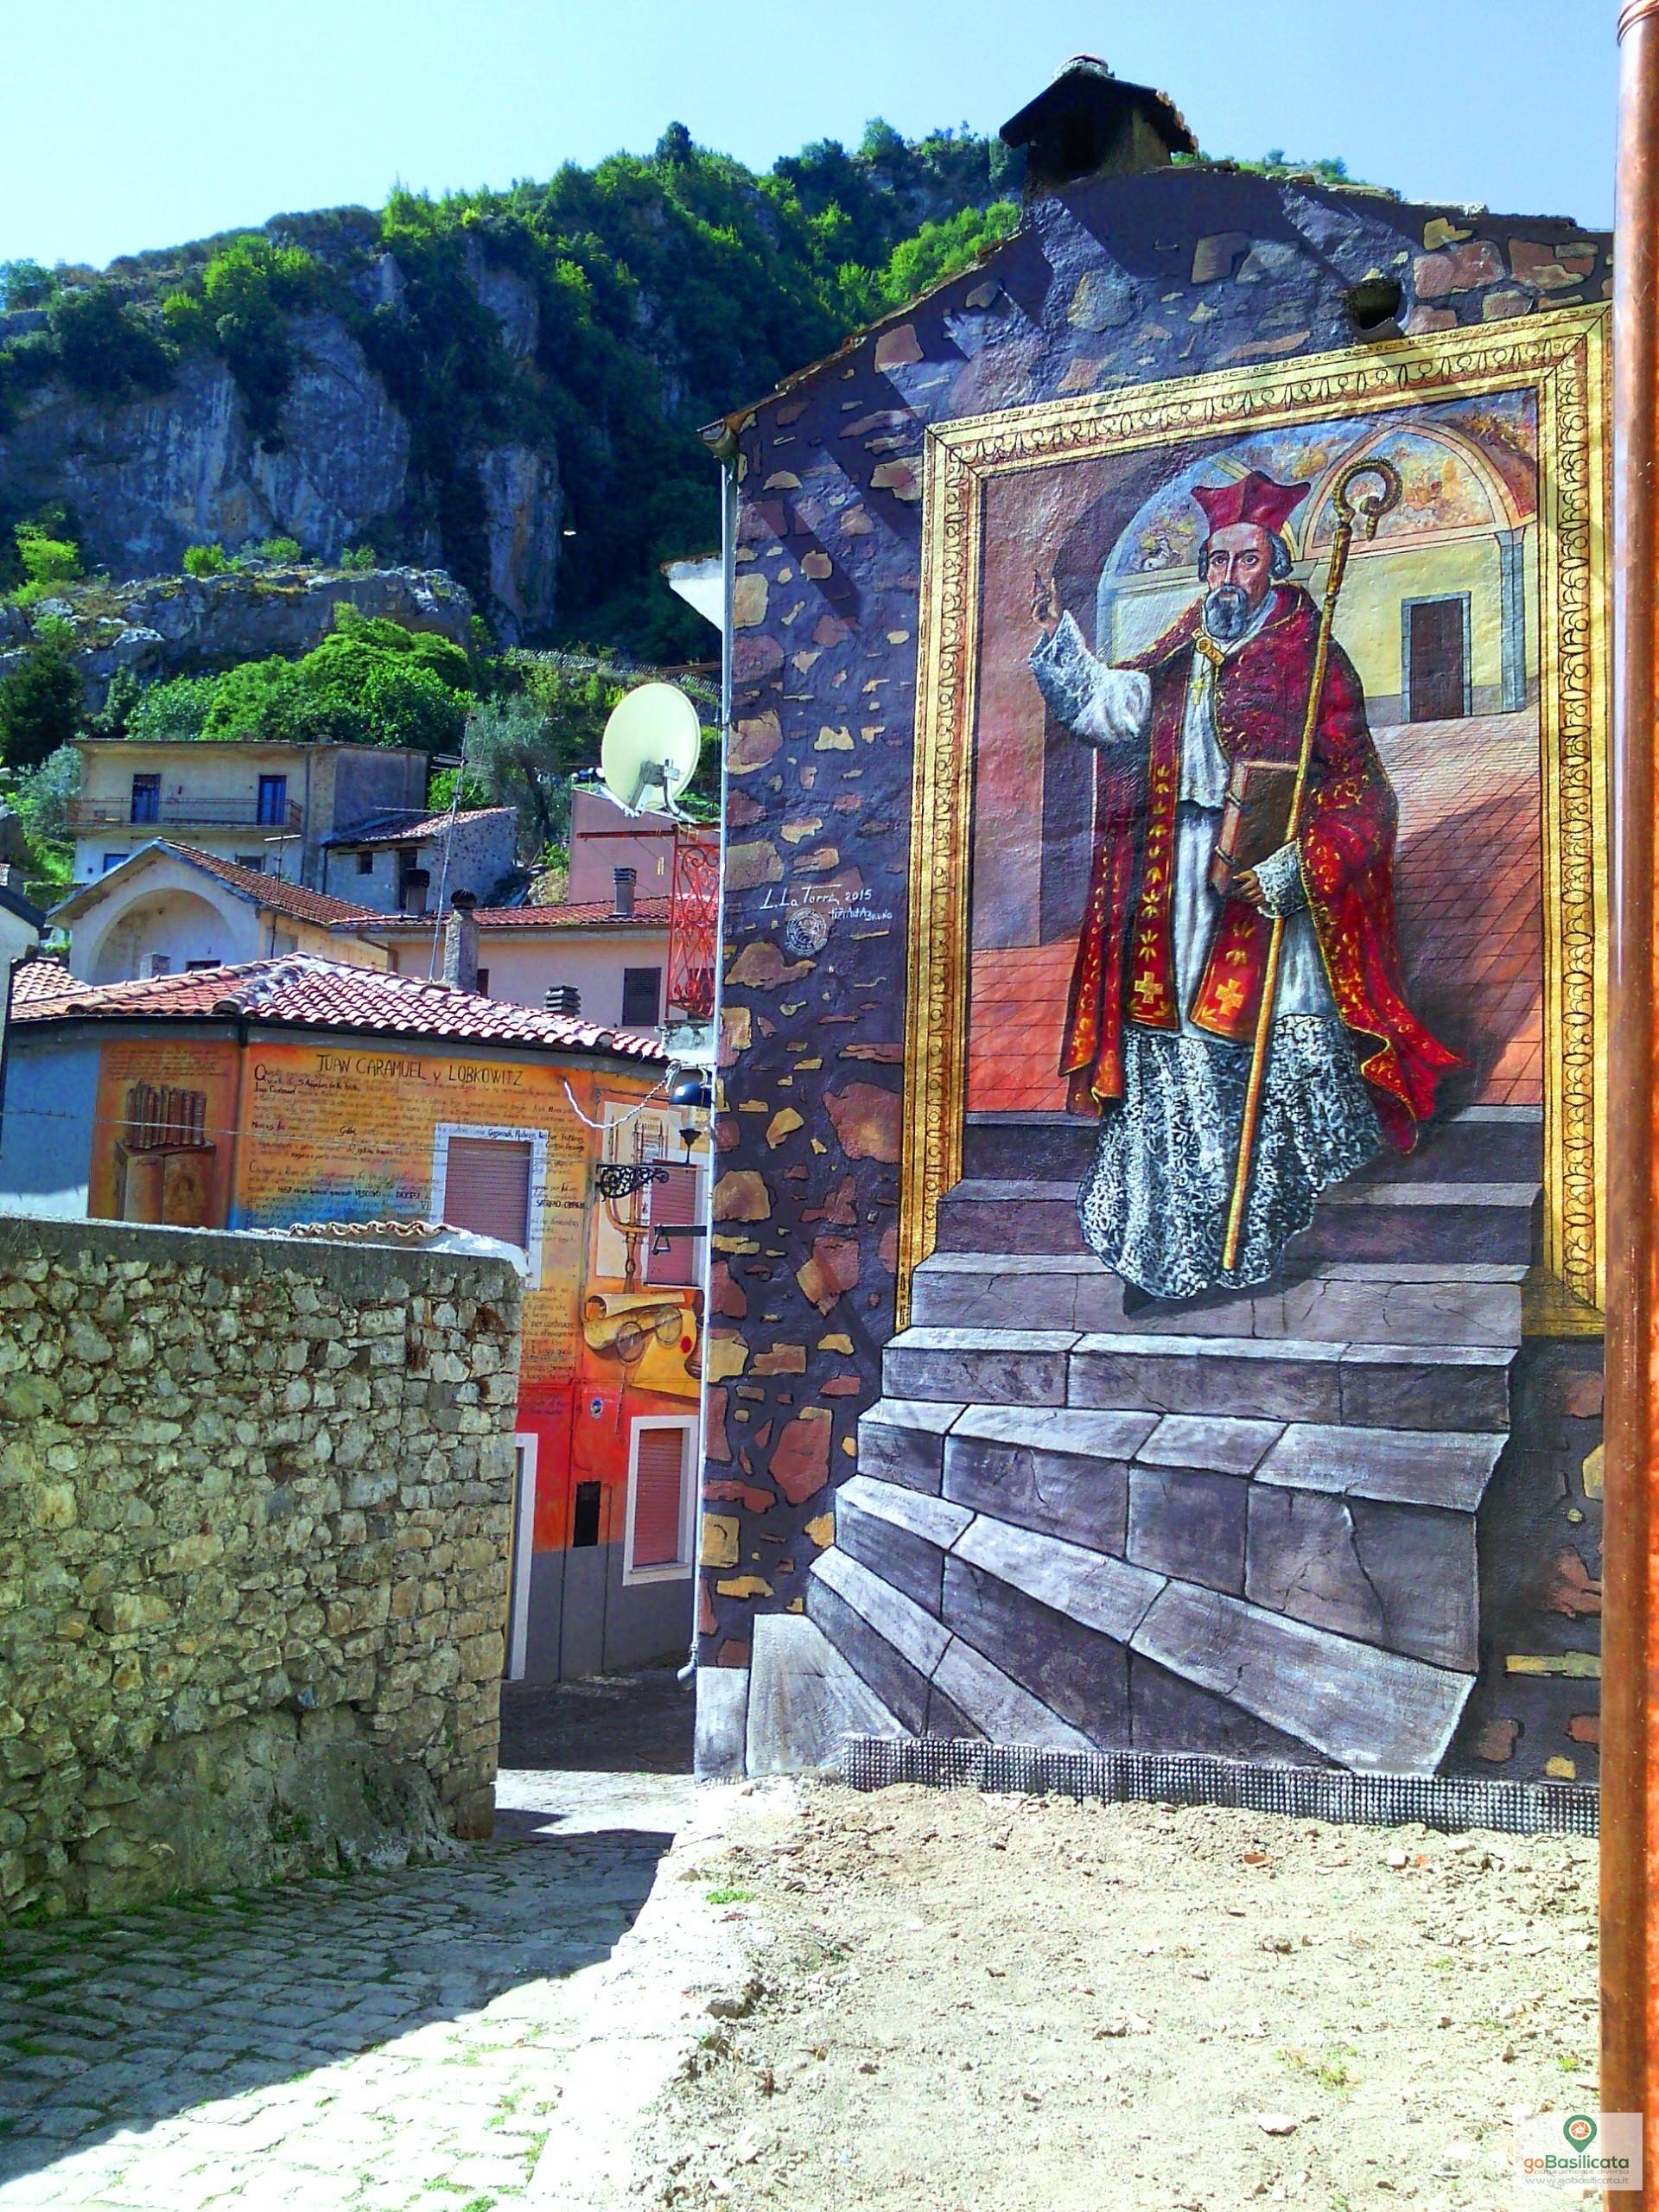 Il Vescovo Juan Caramuel - I murales di Sant'Angelo le Fratte